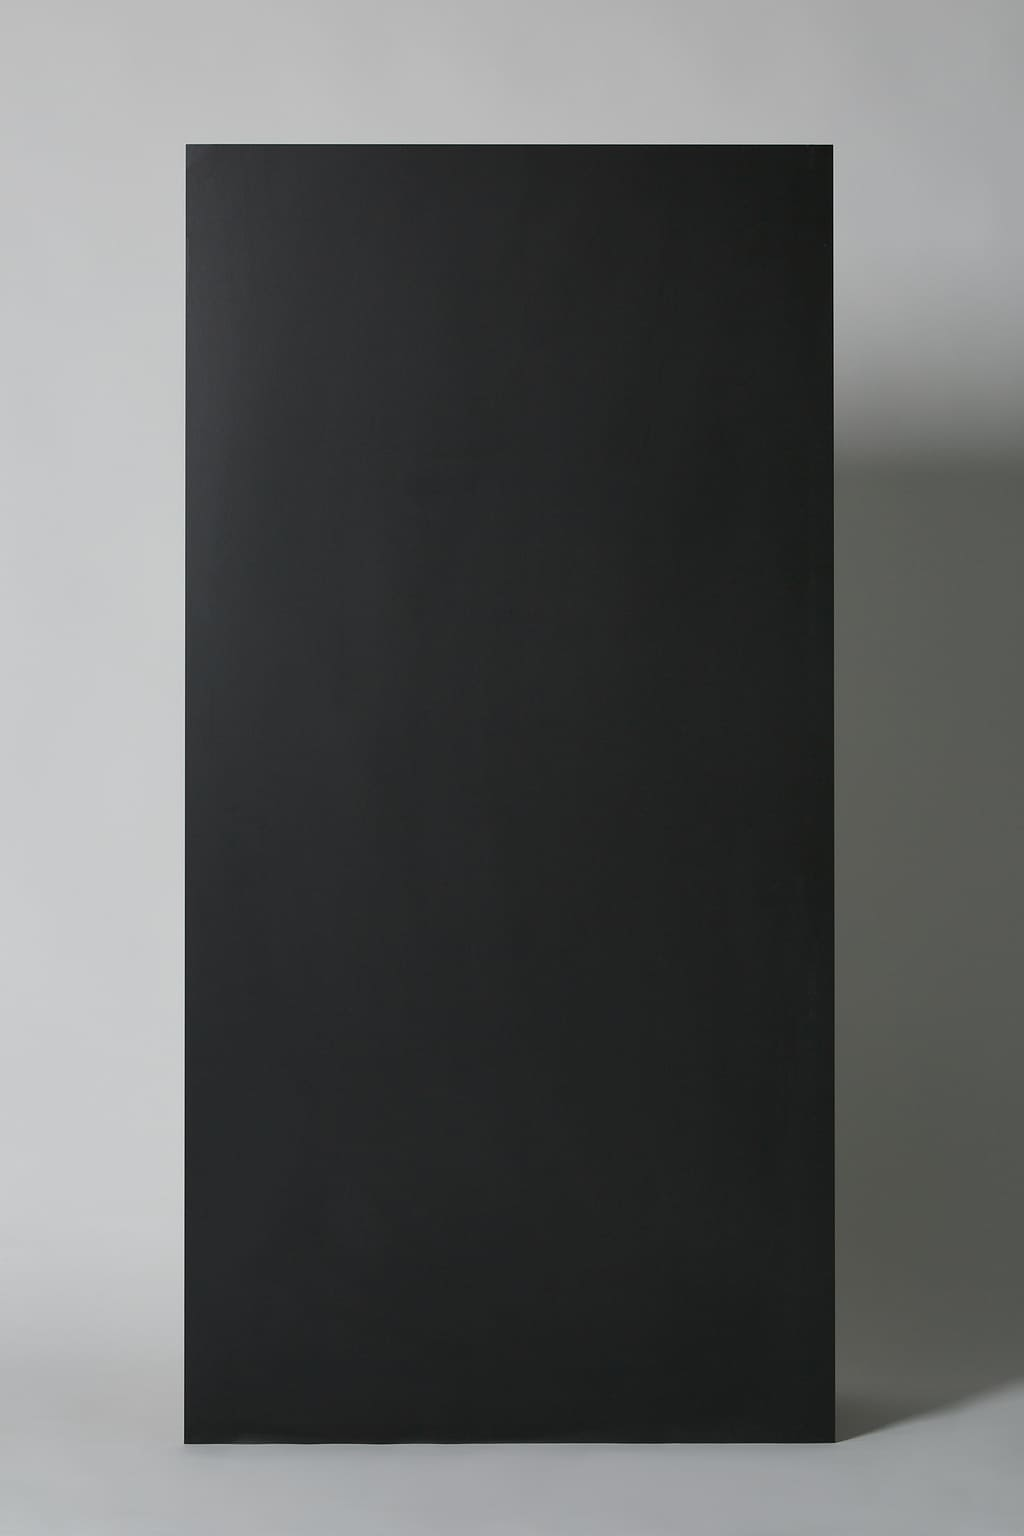 Płytka gresowa - salon, kuchnia, matowa, na podłogę lub ścianę, rektyfikowana, mrozoodporna, antypoślizgowa: C1, rozmiar 60x120cm, czarna - Mykonos Technic black